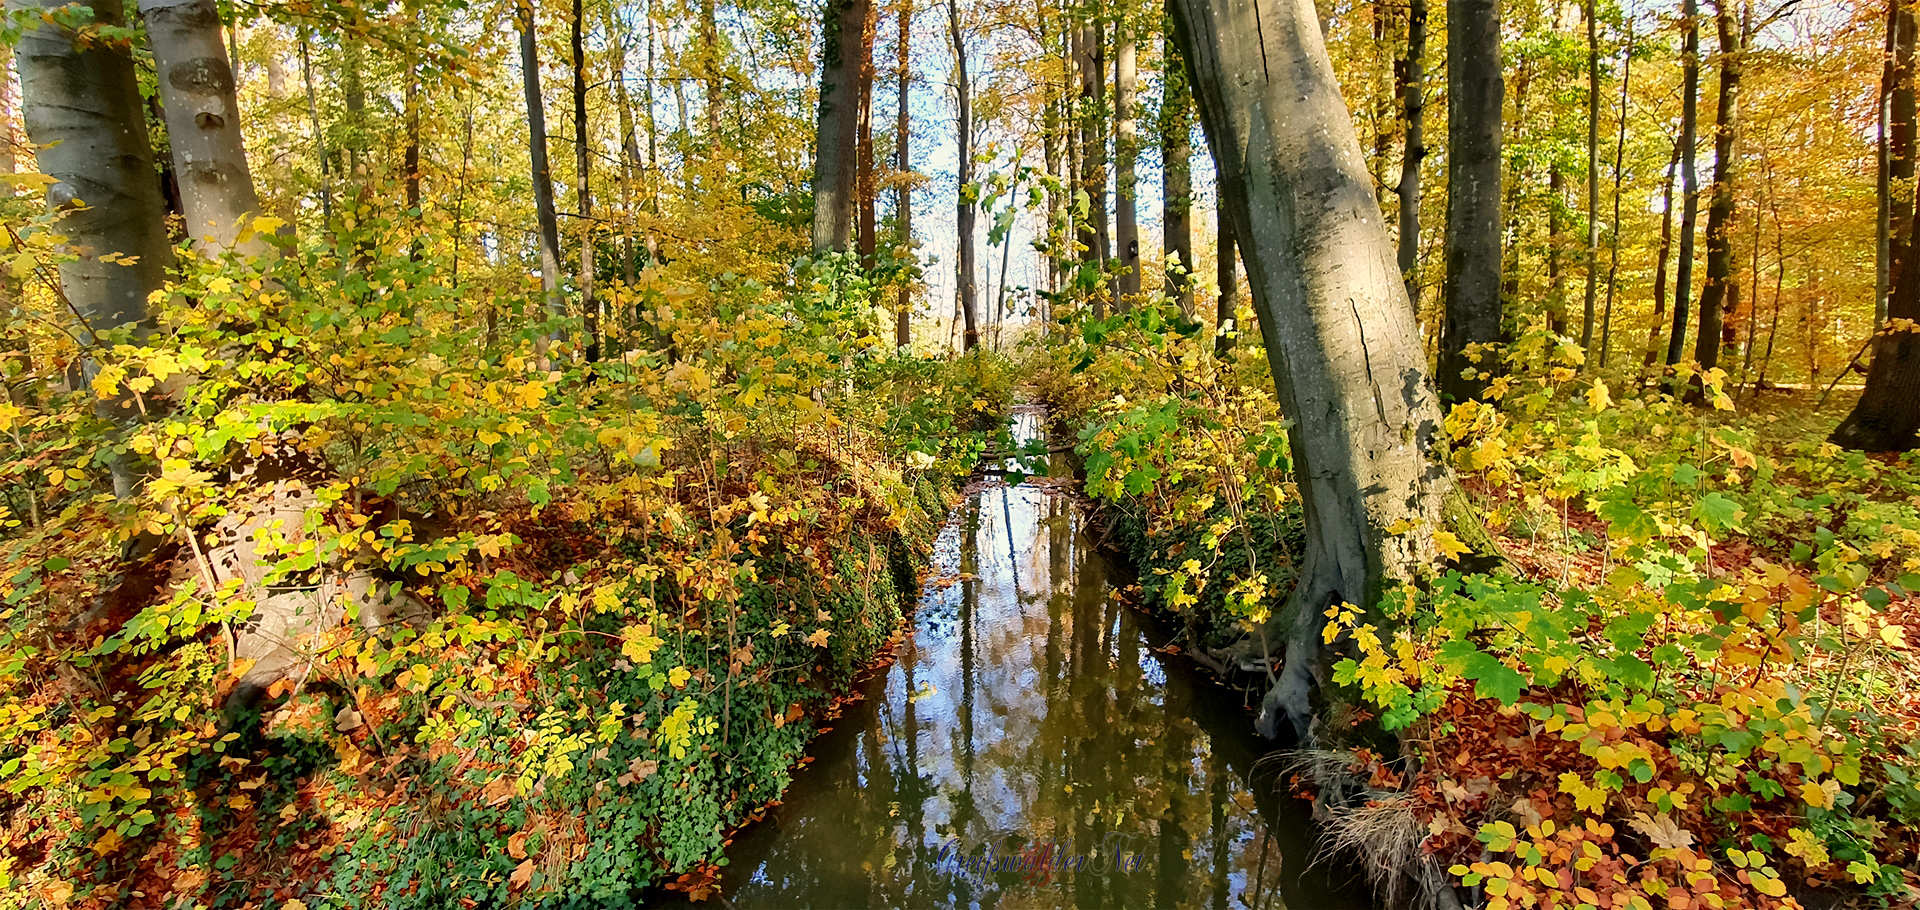 Farbenpracht im Elisenhain, Naturschutzgebiet Eldena, Wald im Südosten der Hansestadt Greifswald in Mecklenburg-Vorpommern